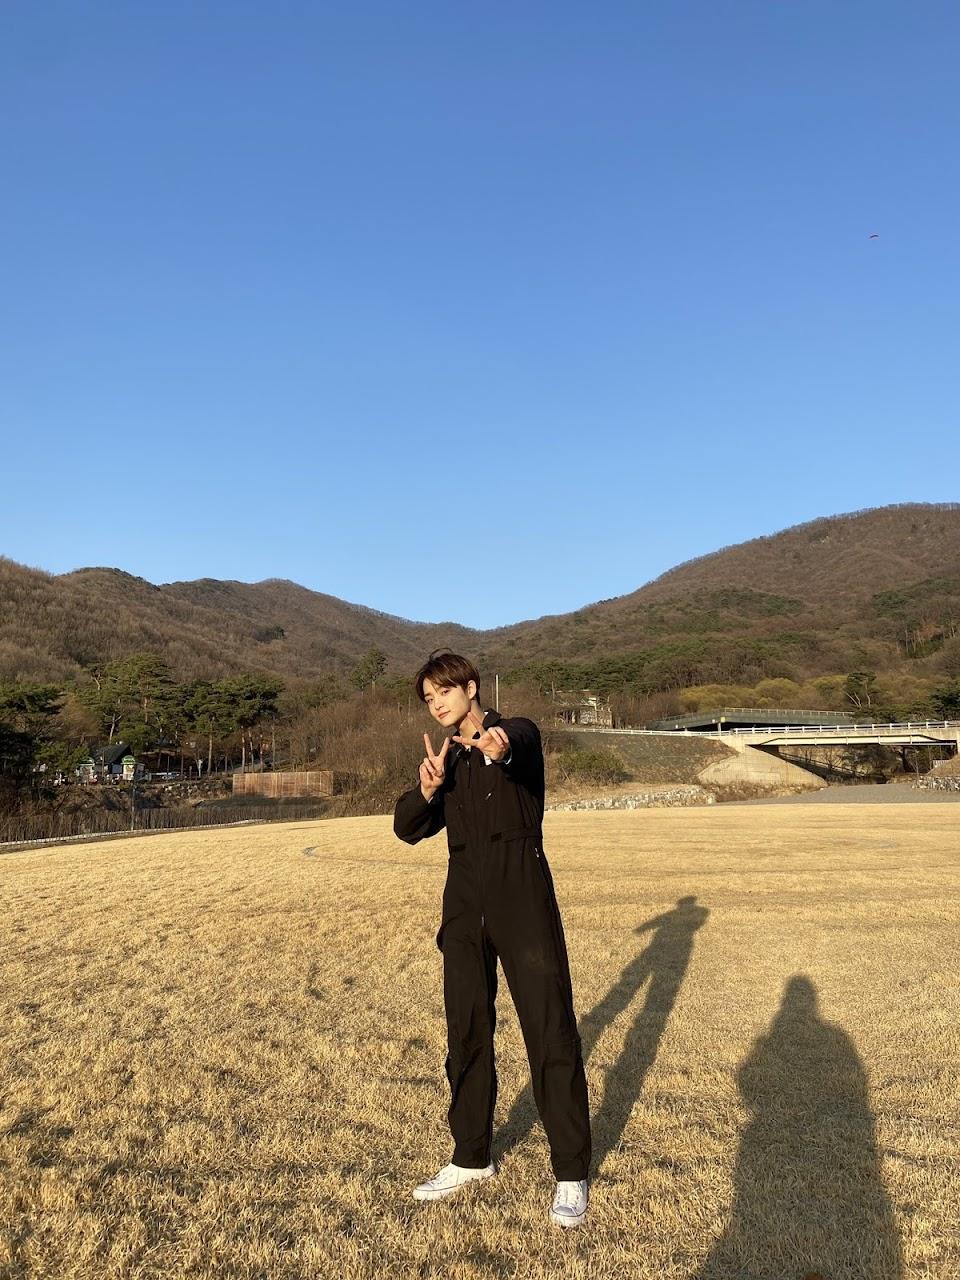 jihoon cool